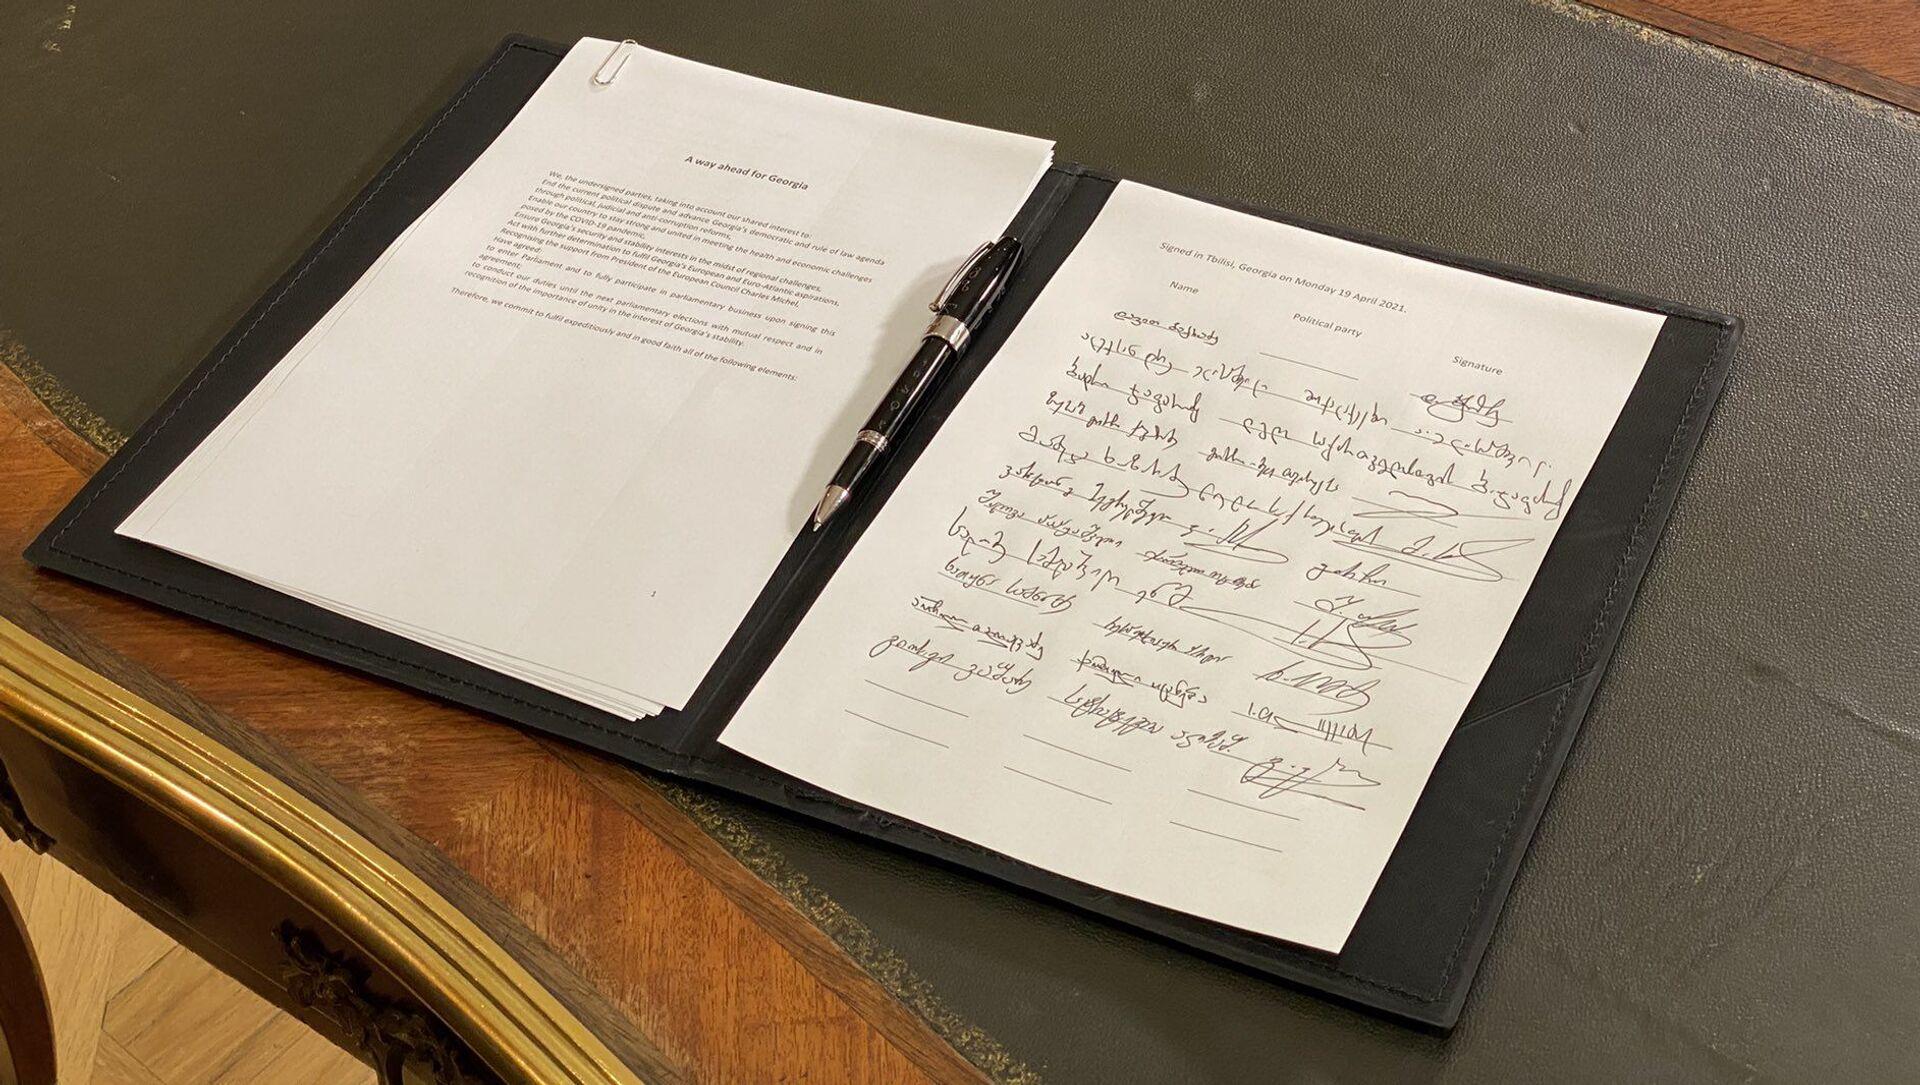 Соглашение о разрешении политического кризиса. Переговоры властей и оппозиции Грузии при посредничестве ЕС - Sputnik Грузия, 1920, 20.04.2021